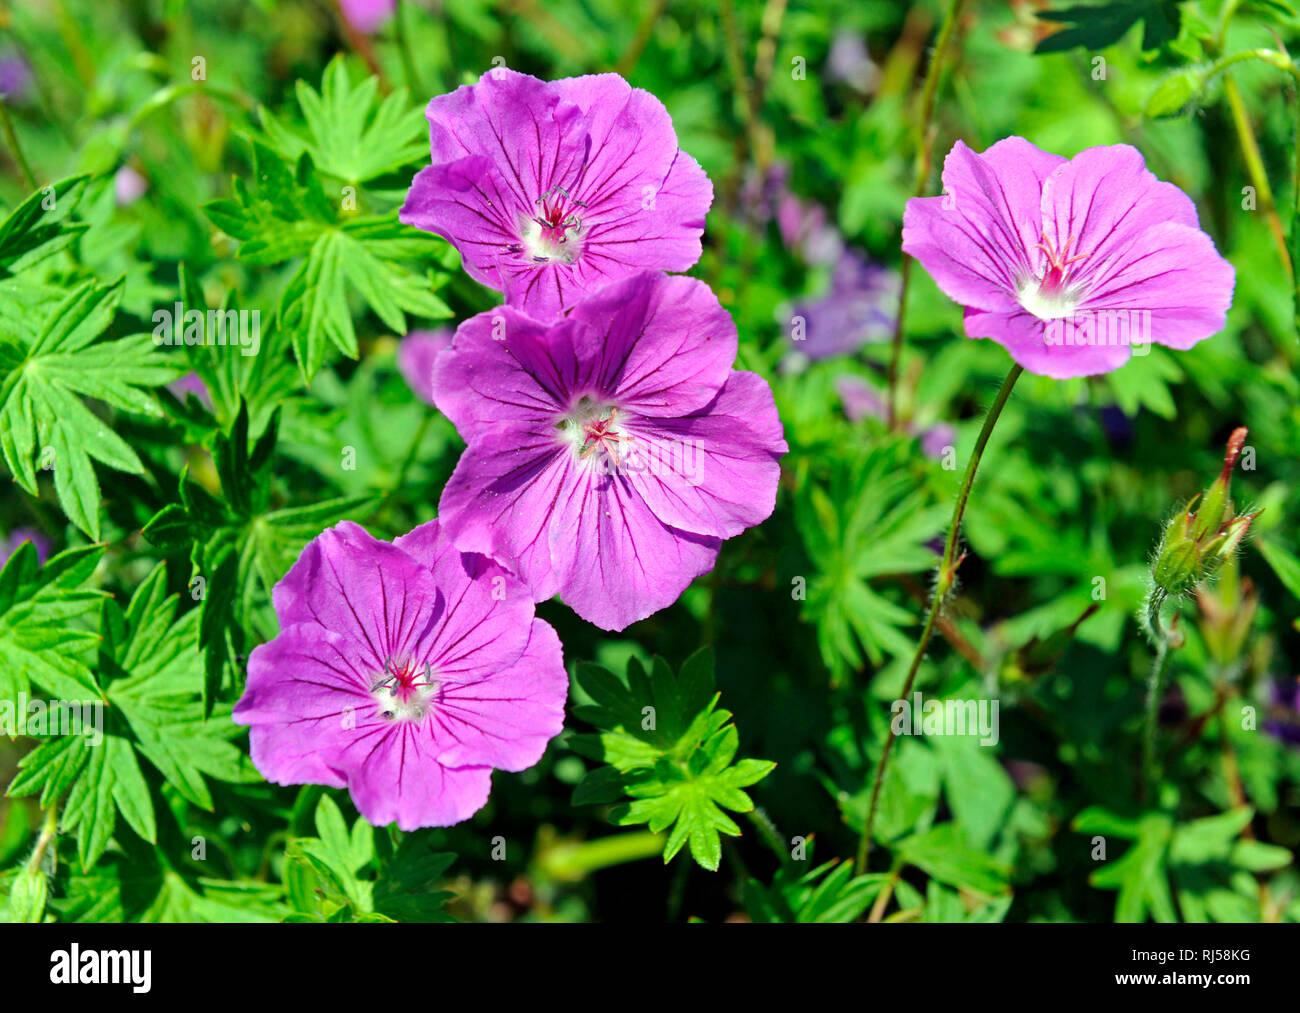 Bl?hendes Geranium, auch Blut-Storchschnabel, als Bodendecker im fr?hsommerlichen Blumengarten. - Stock Image